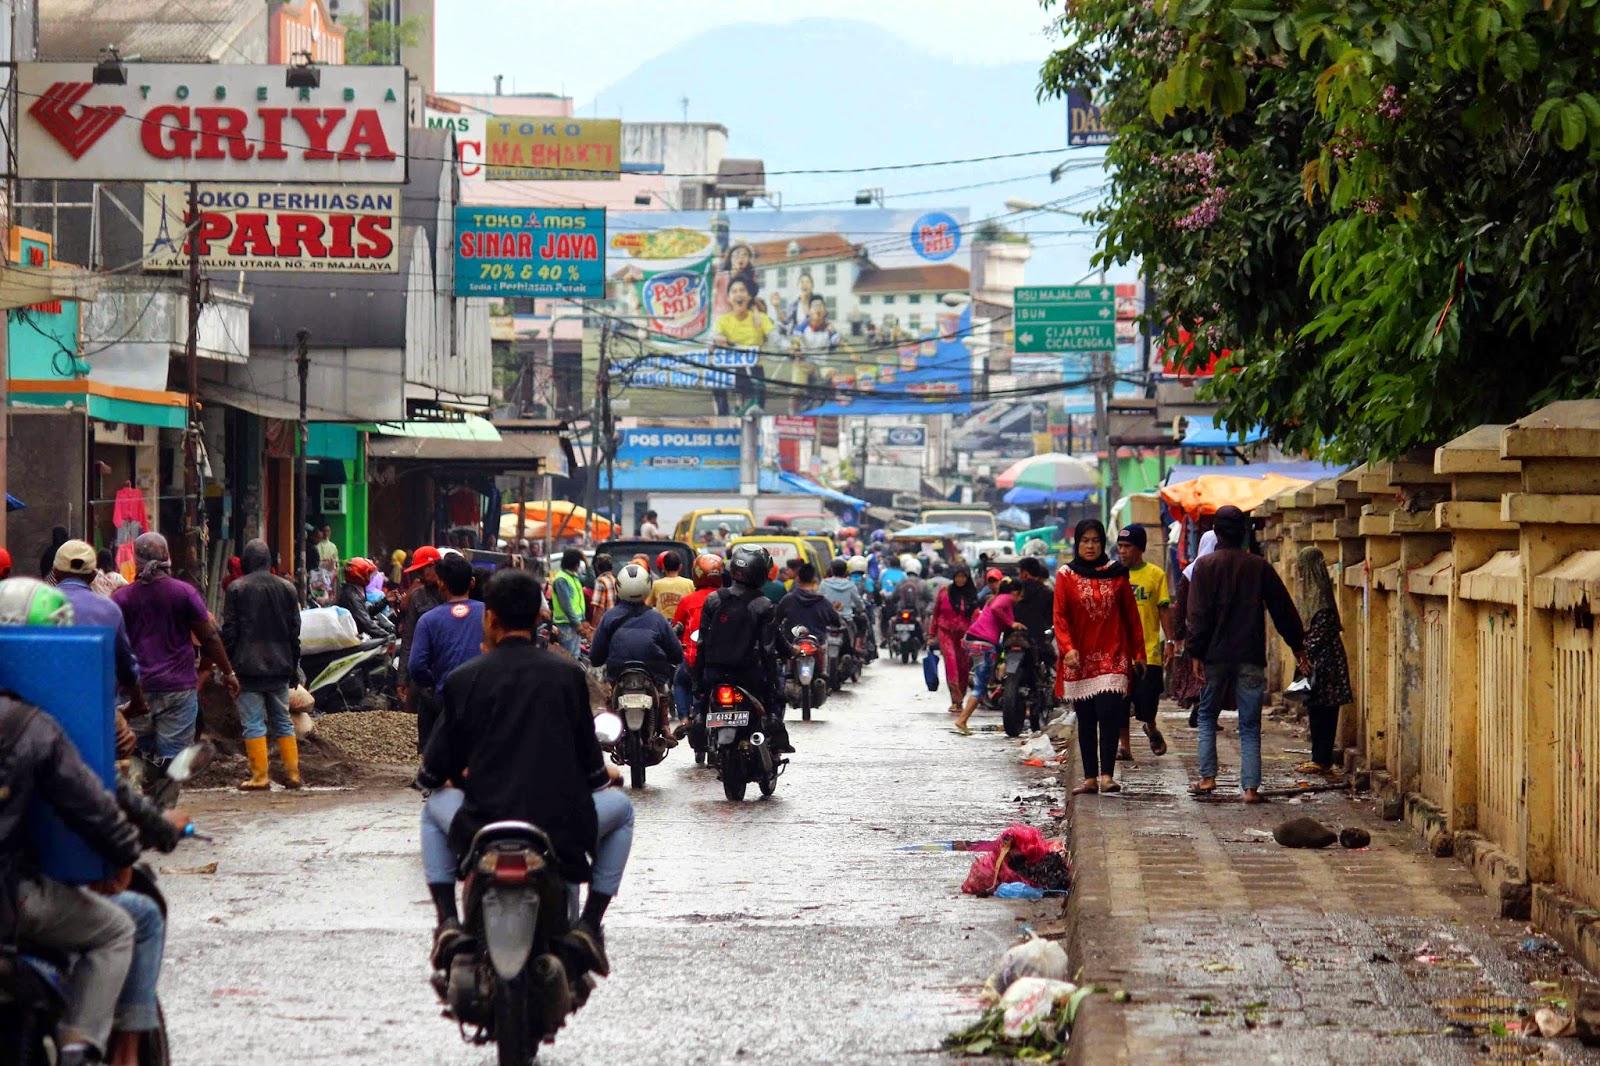 Penertiban Pkl Kabupaten Bandung Rampung Wisma Putra Pedagang Kaki Lima